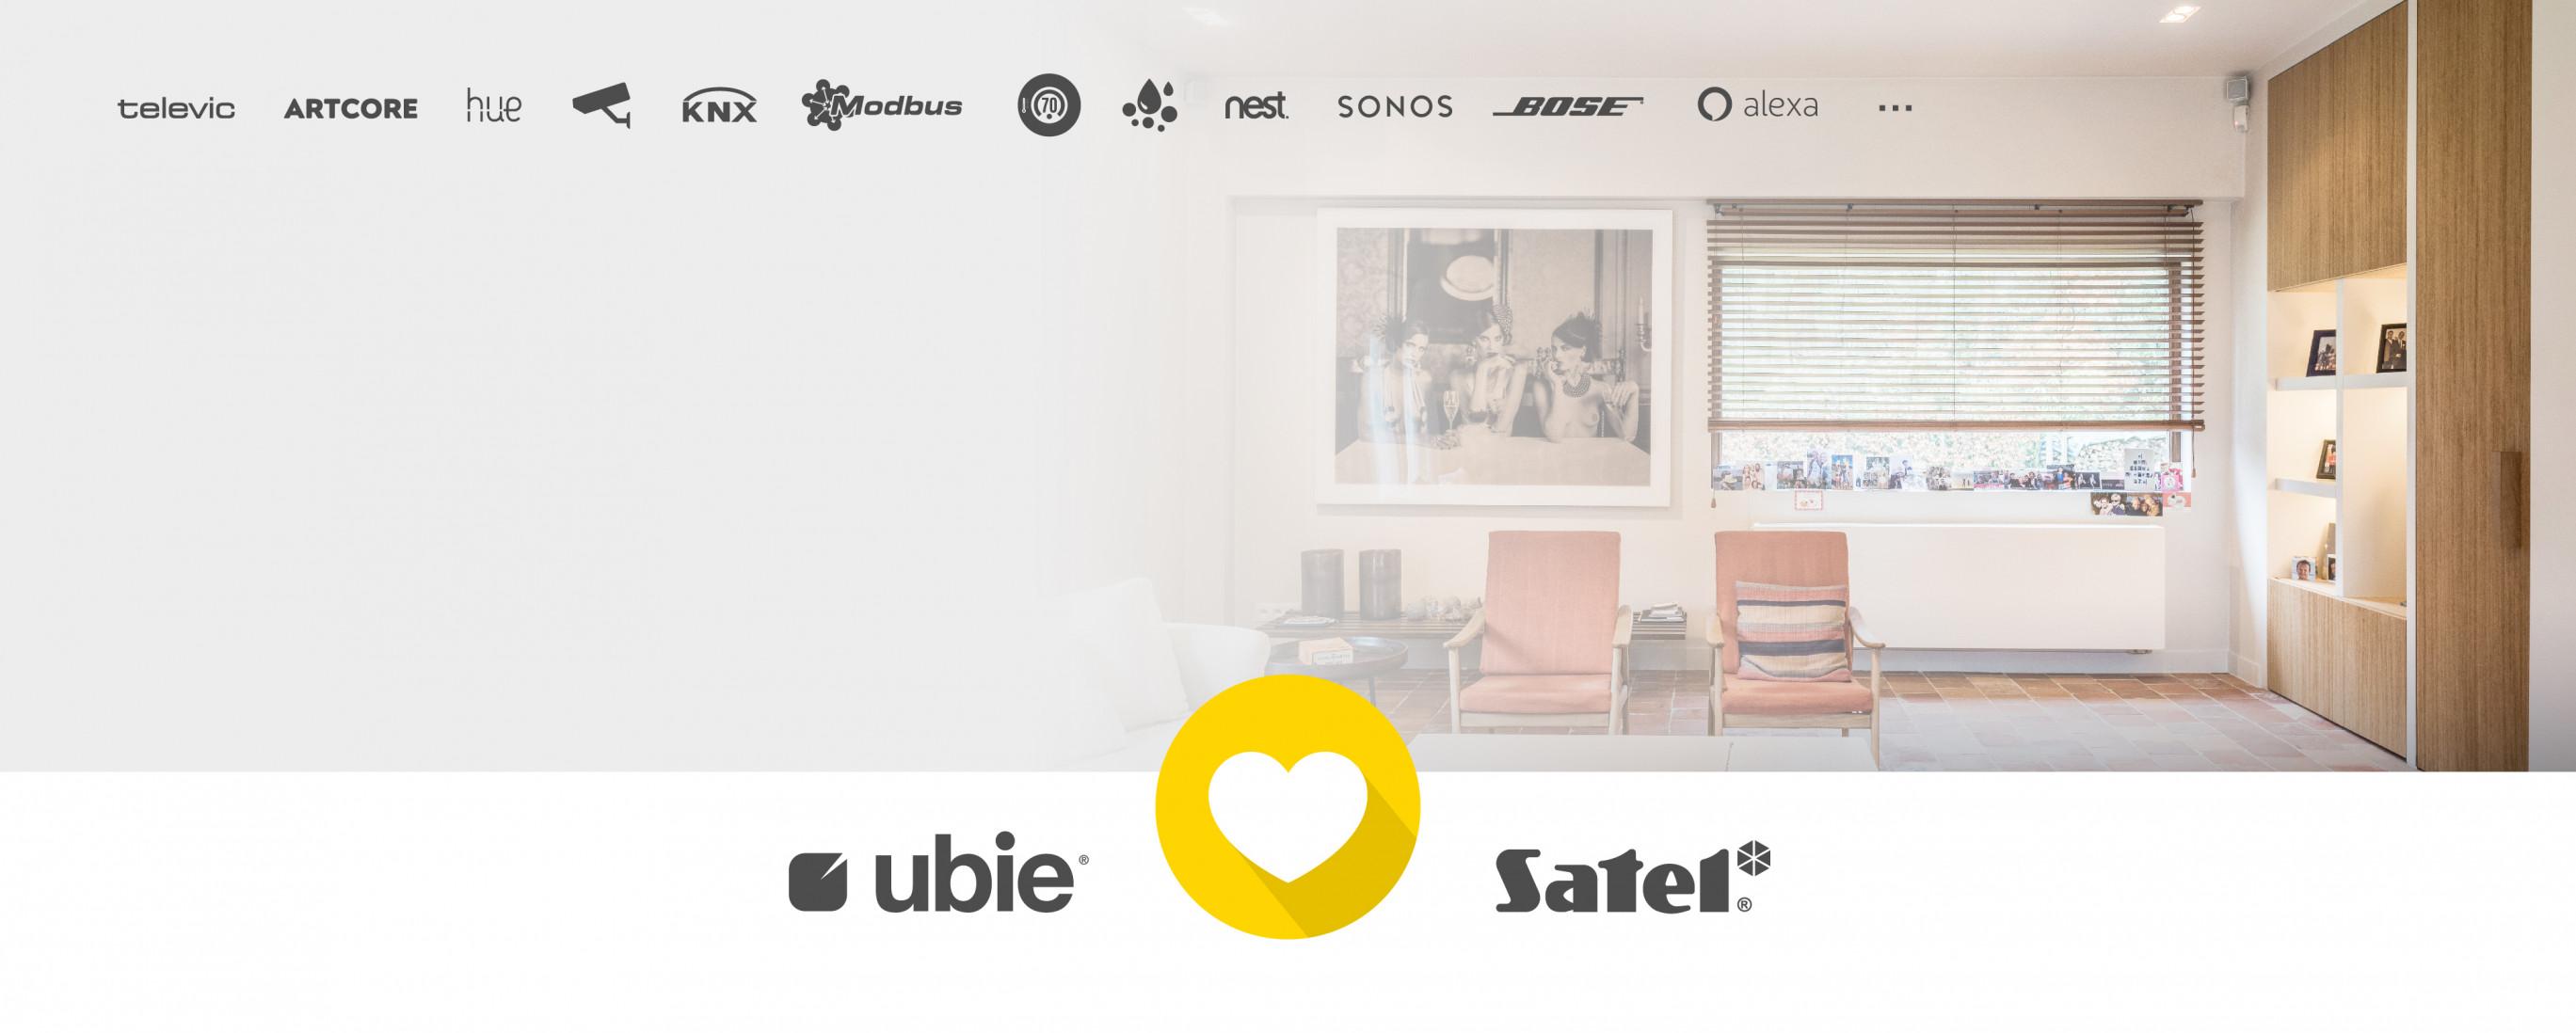 Ubiebox-header-v7-UbieLovesSatel.jpg